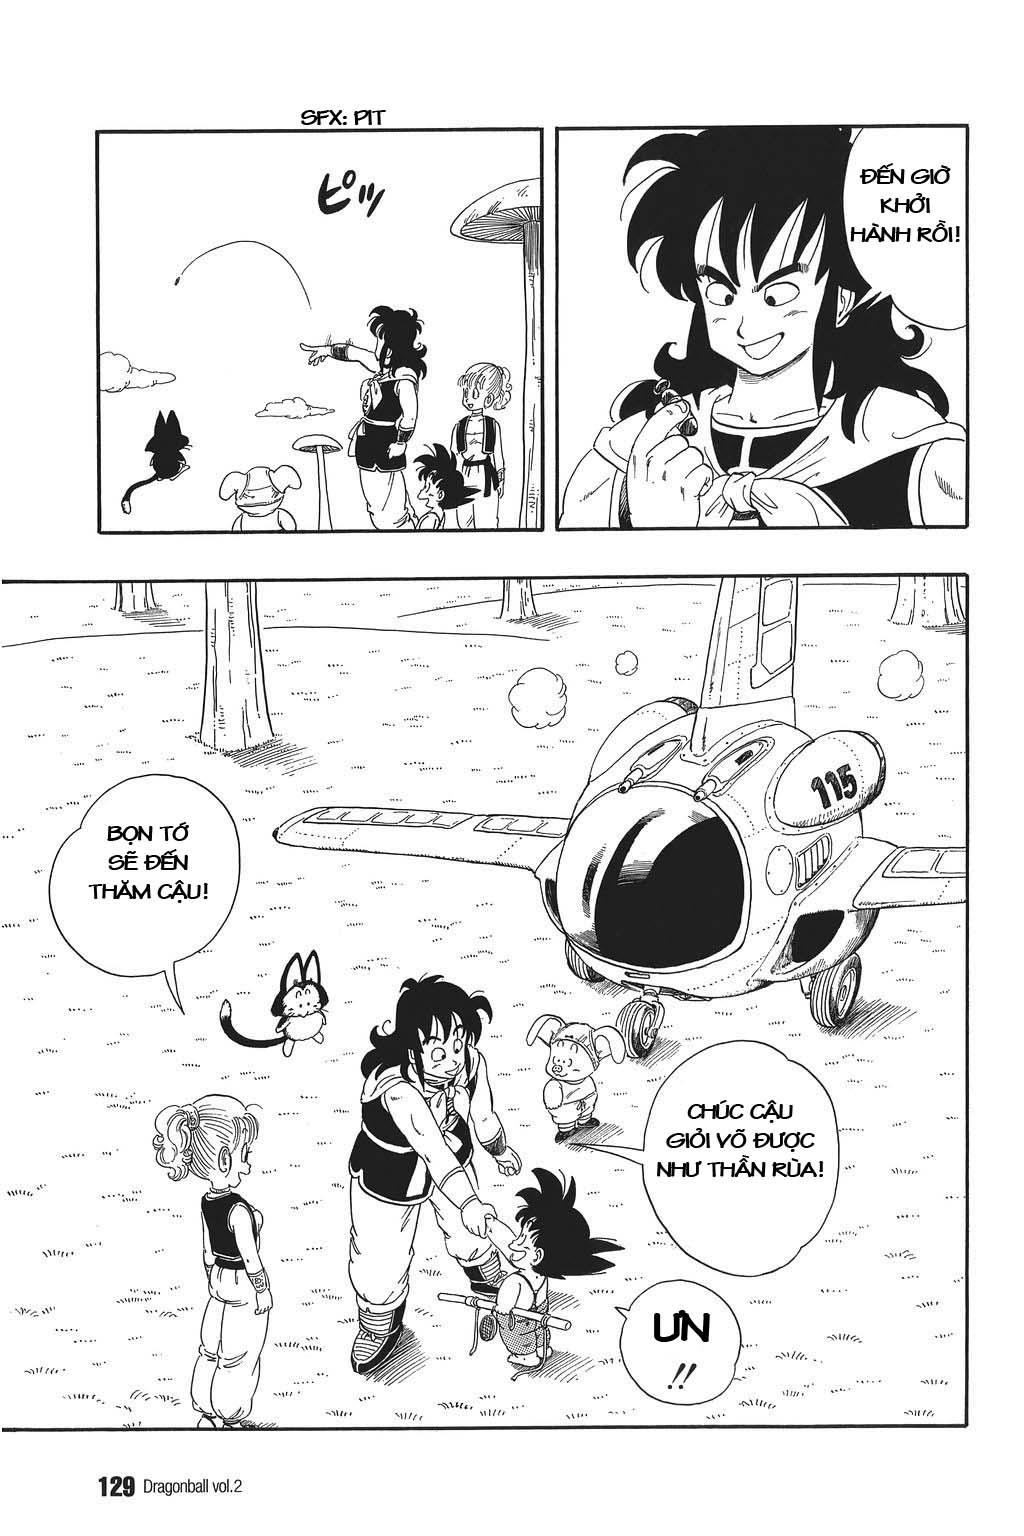 xem truyen moi - Dragon Ball Bản Vip - Bản Đẹp Nguyên Gốc Chap 23